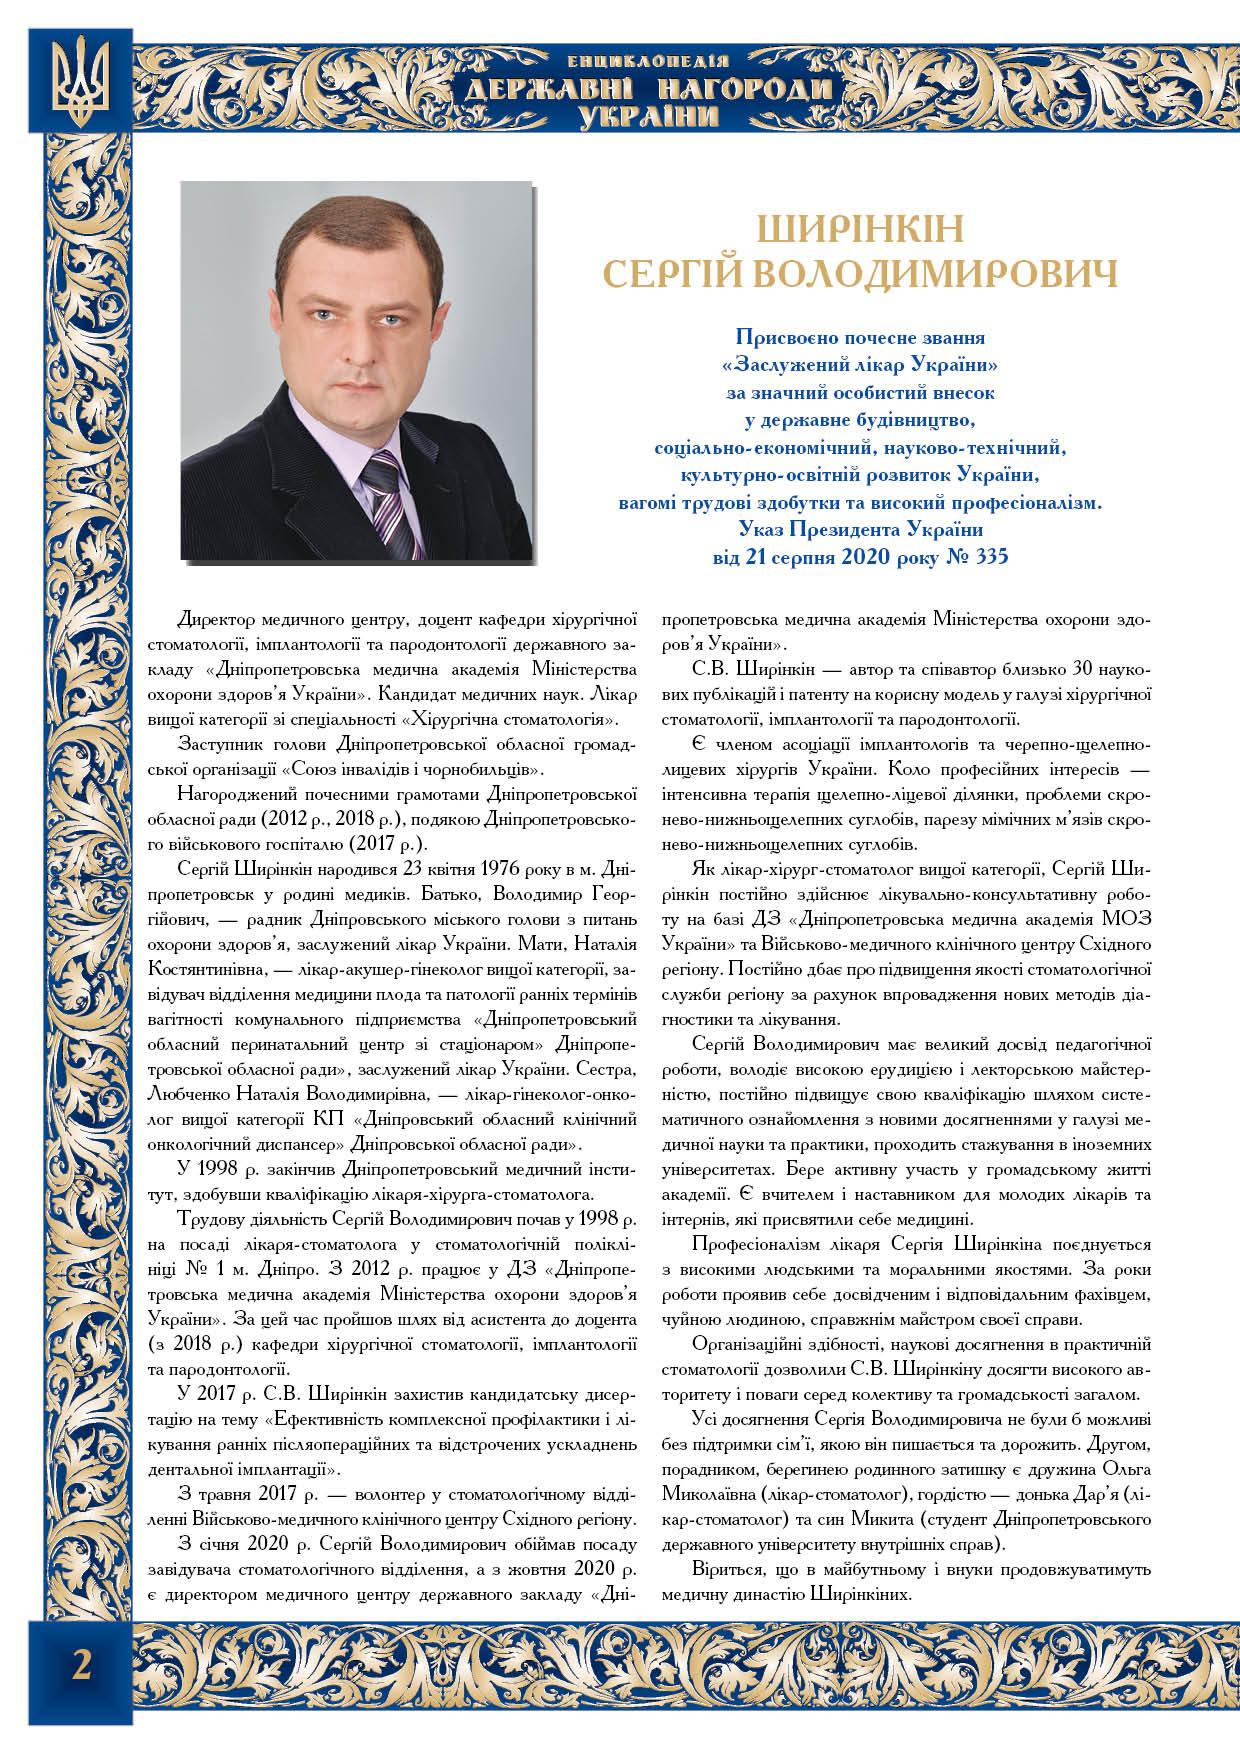 Ширінкін Сергій Володимирович